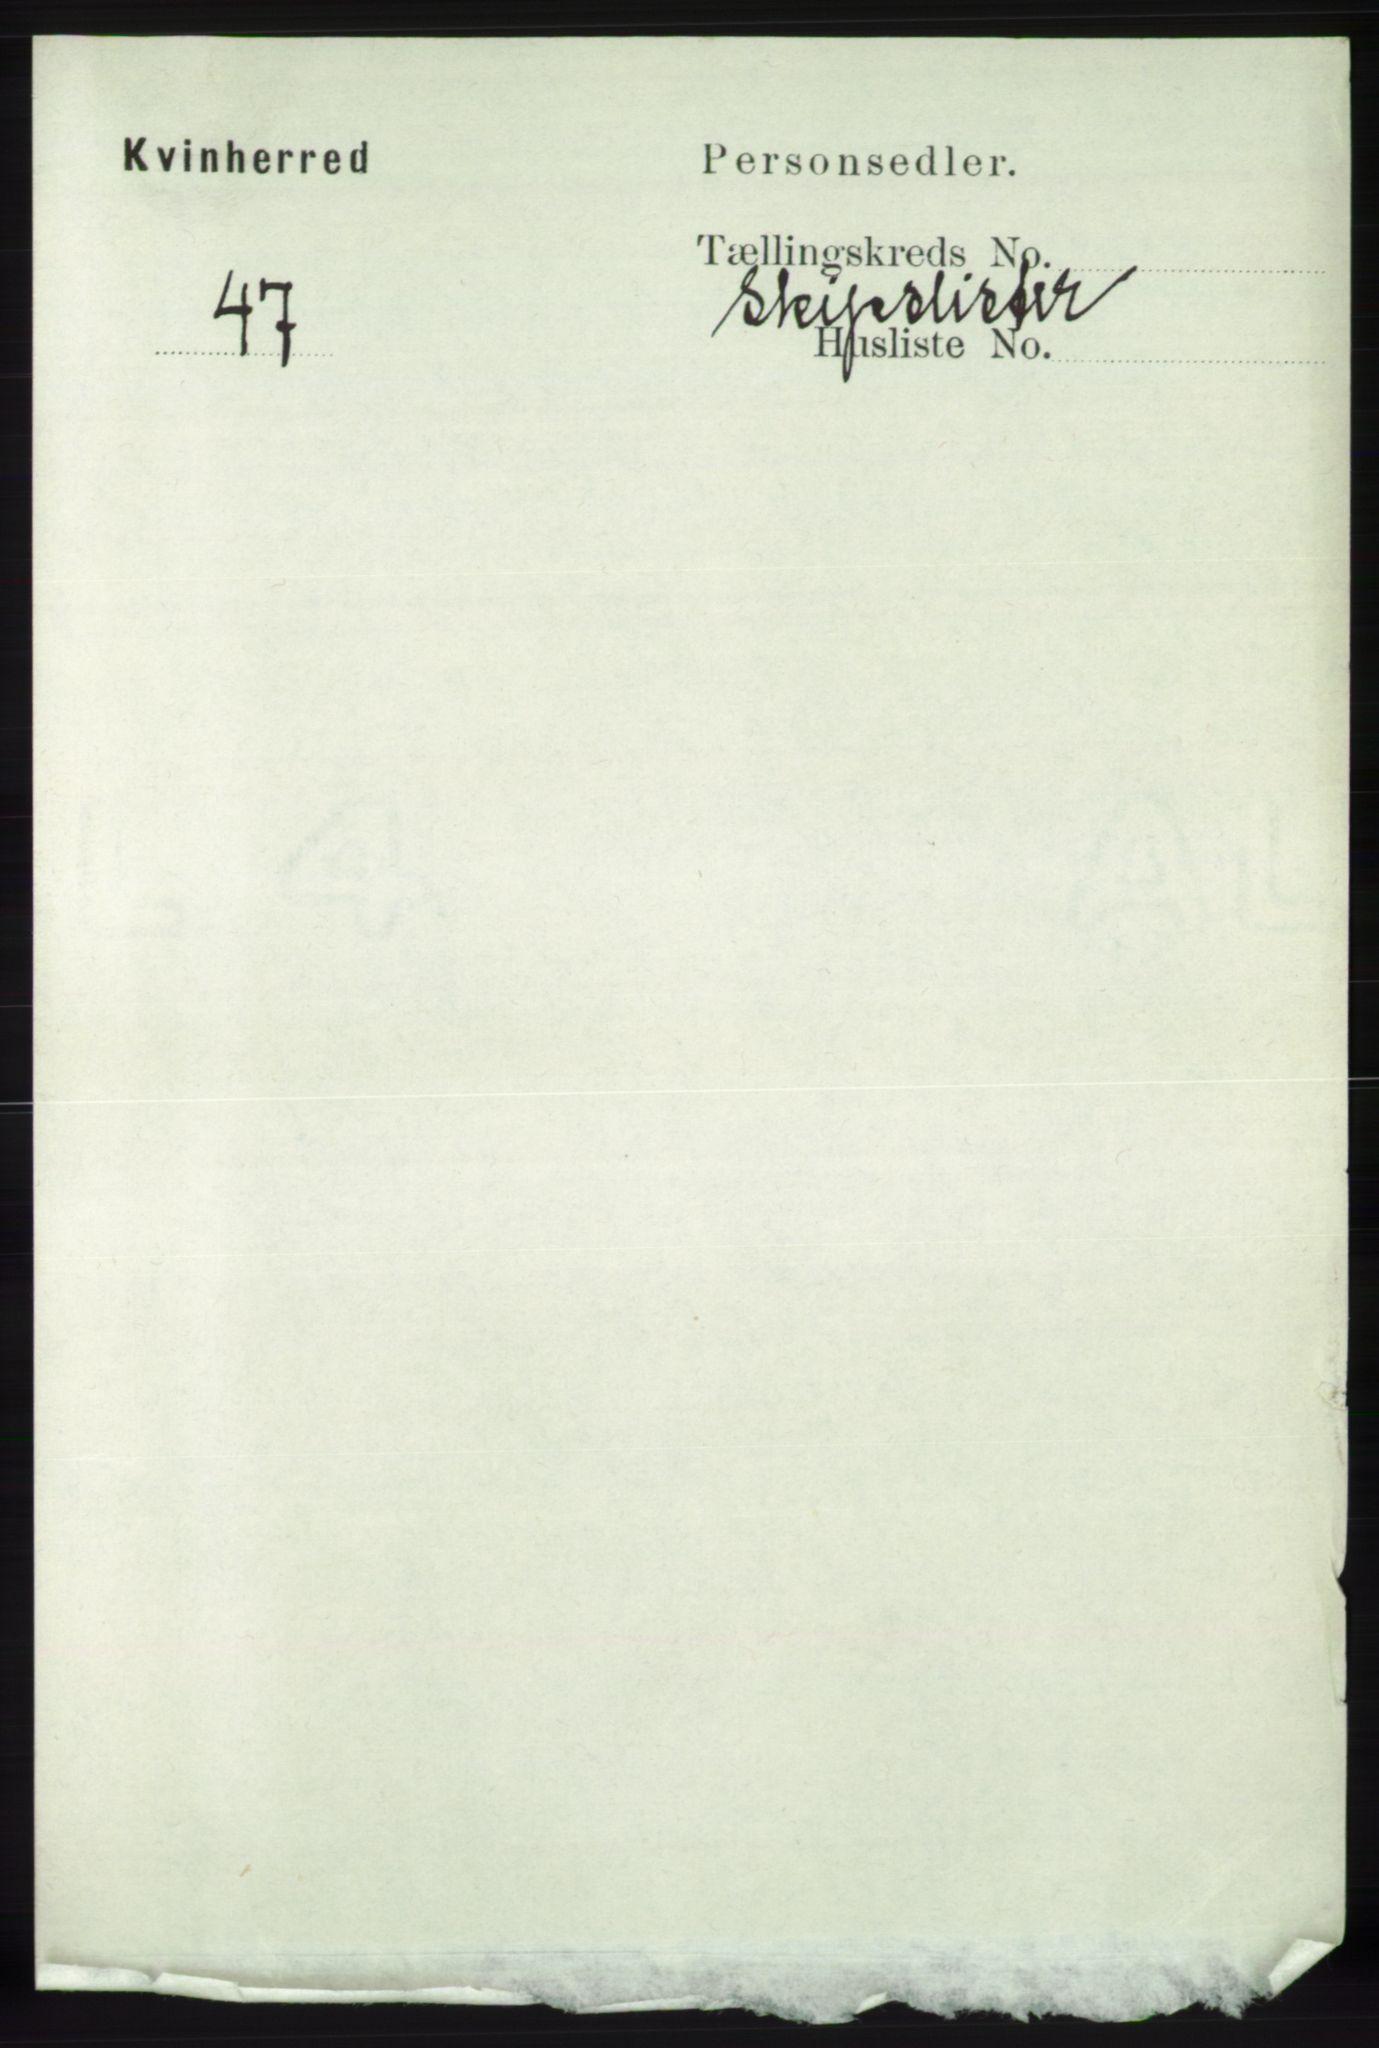 RA, Folketelling 1891 for 1224 Kvinnherad herred, 1891, s. 5803